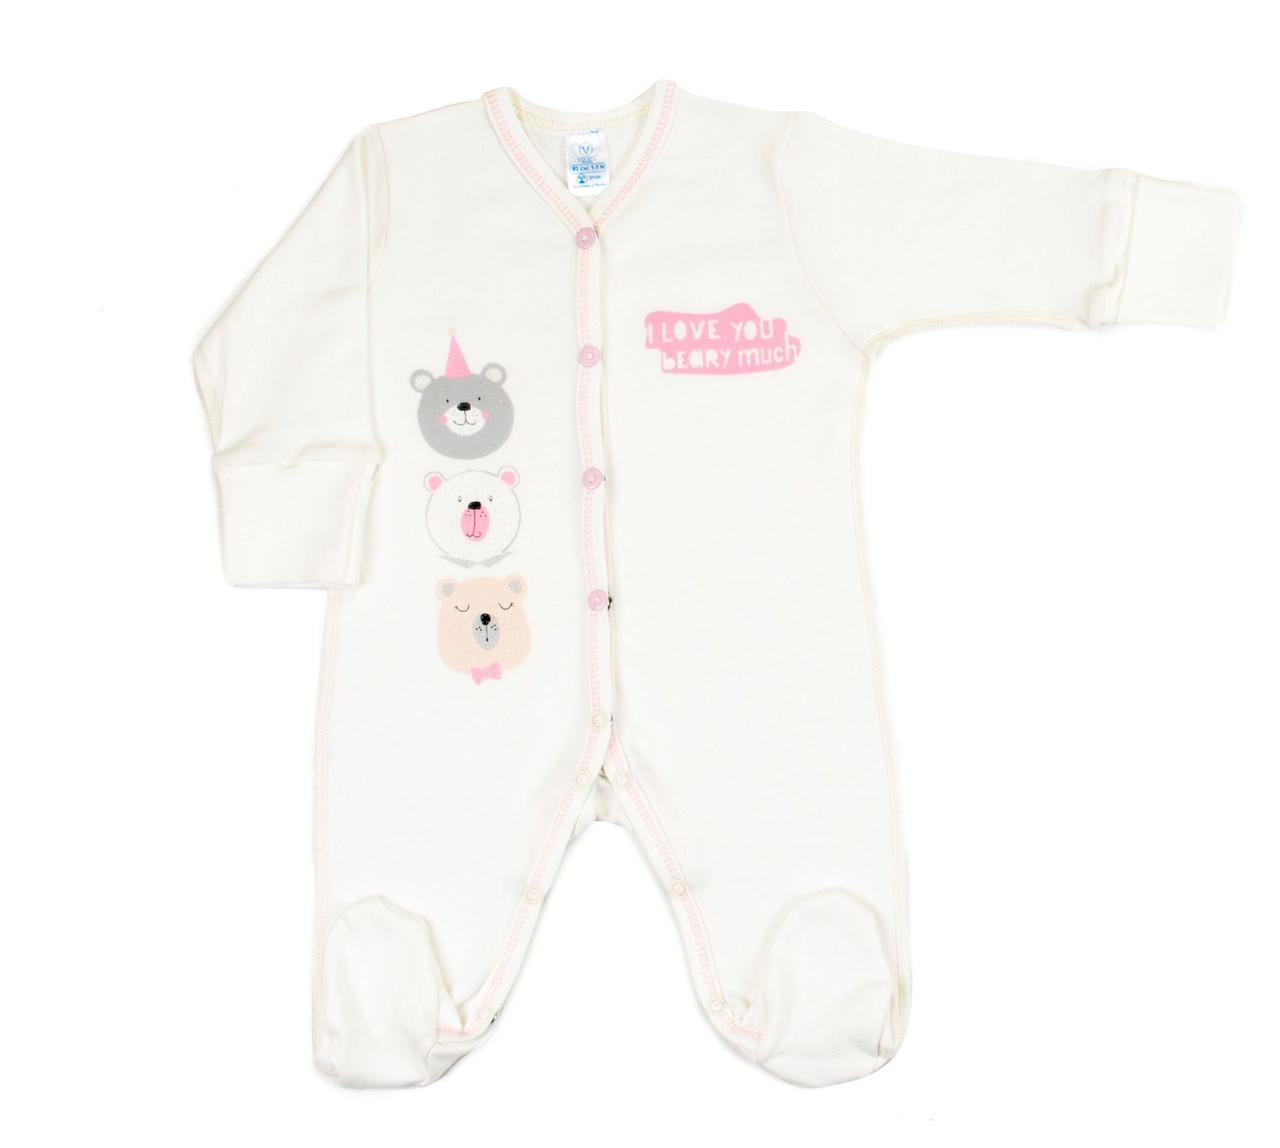 Комбинезон для новорожденных Veres Beary much pink интерлок молочный